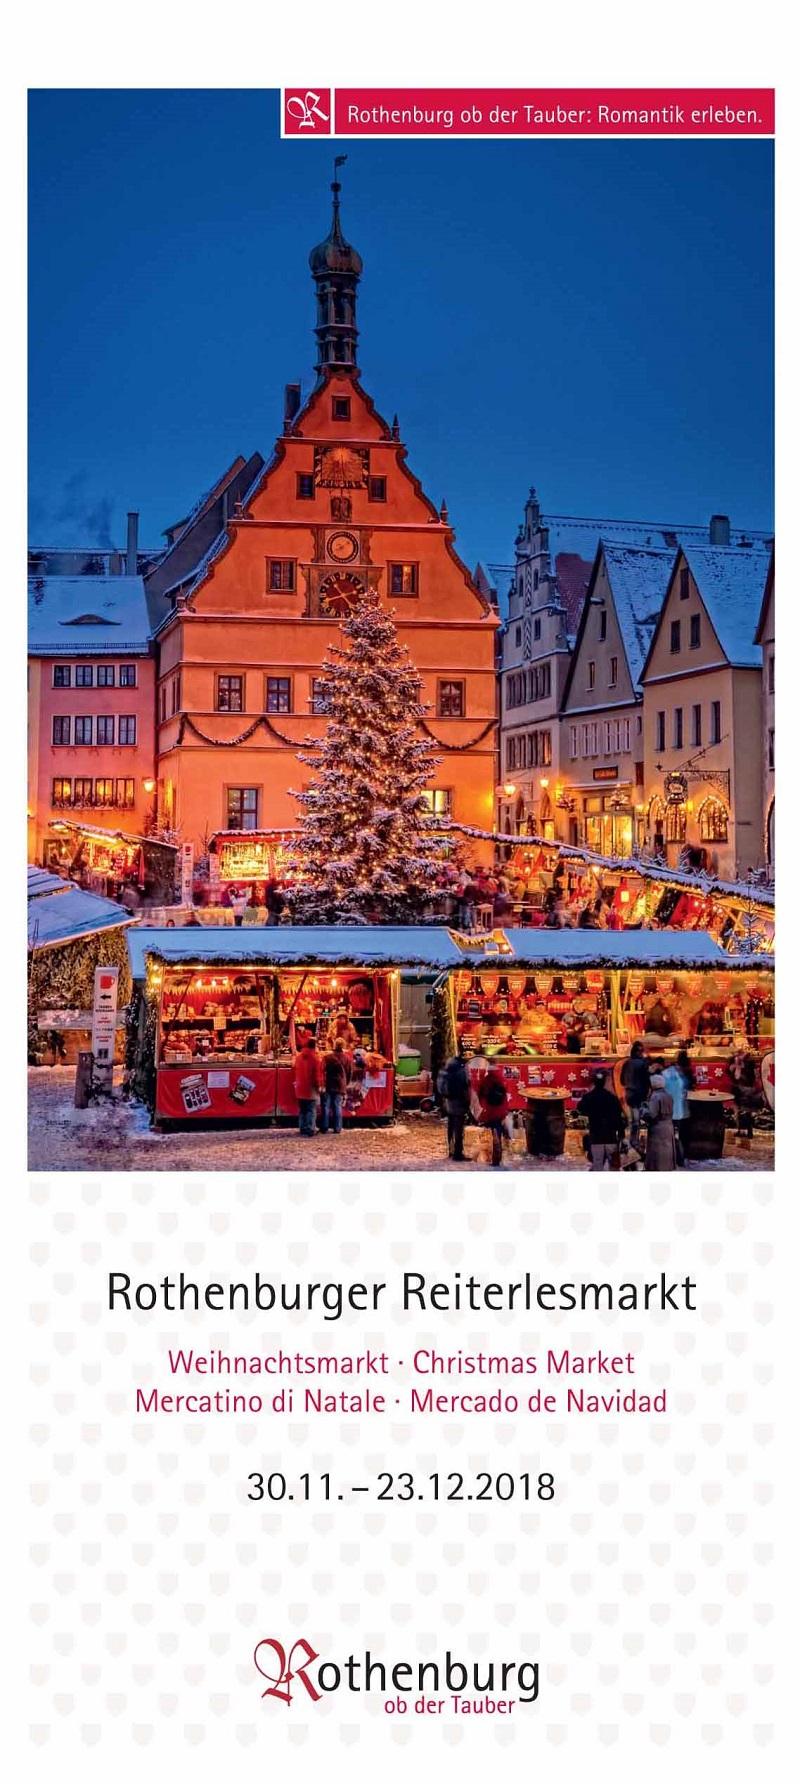 Vorschau Rothenburger Reiterlesmarkt 2018